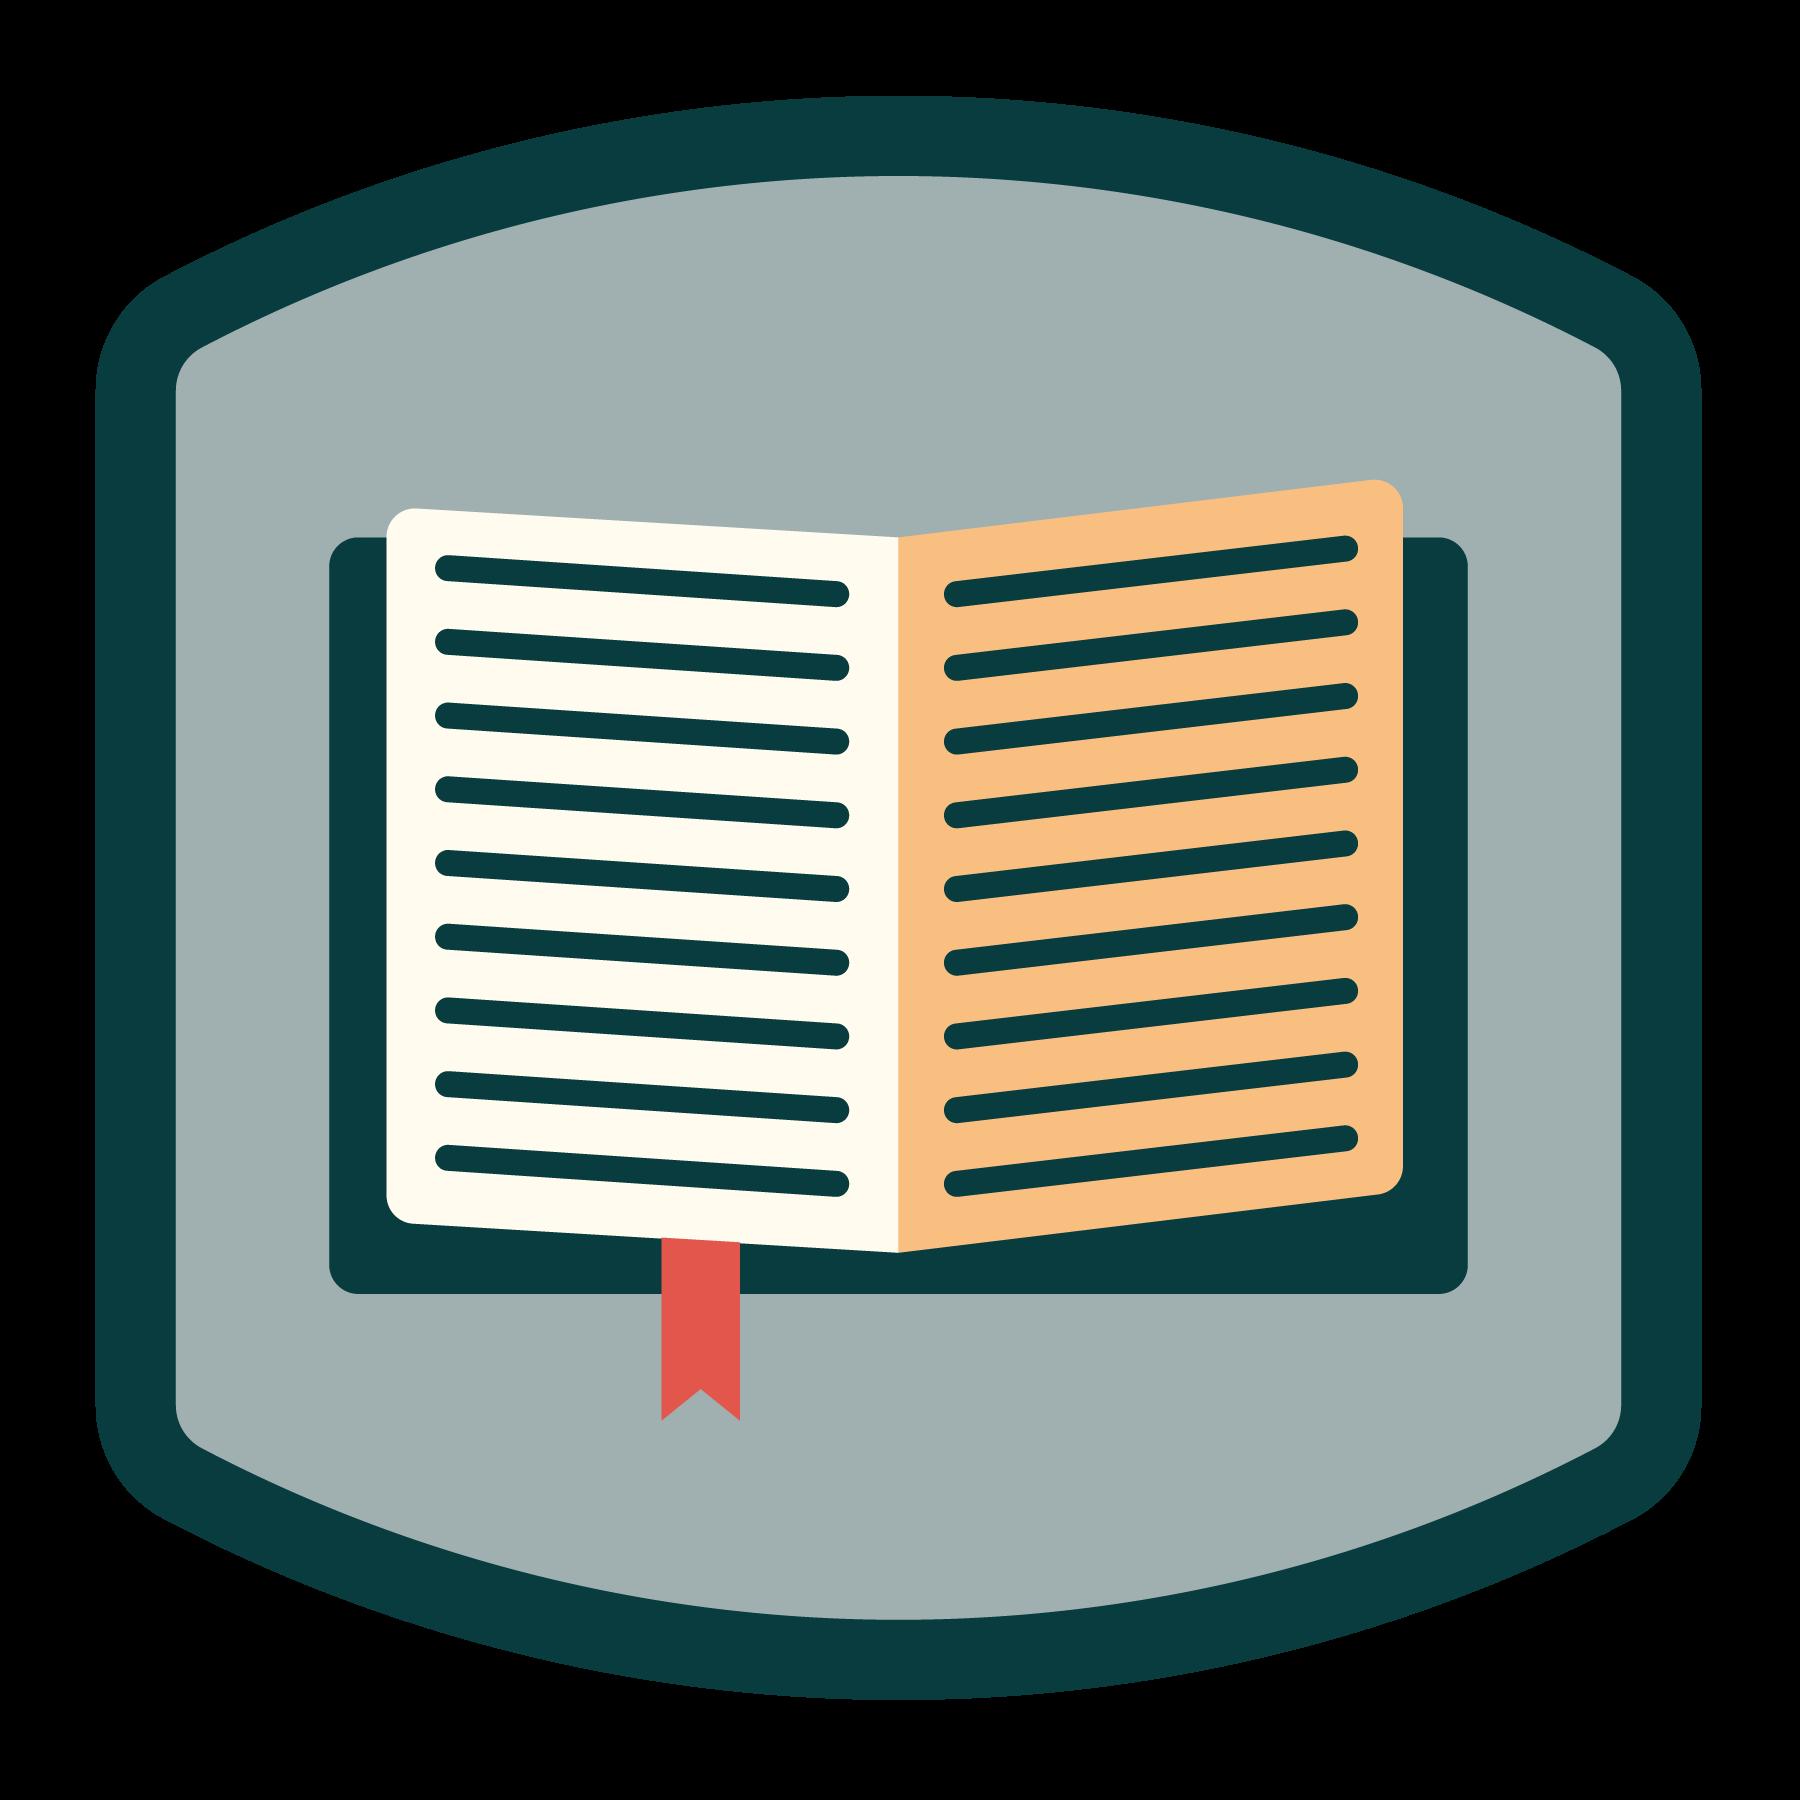 LFF009-Book-Vector-Badge.png